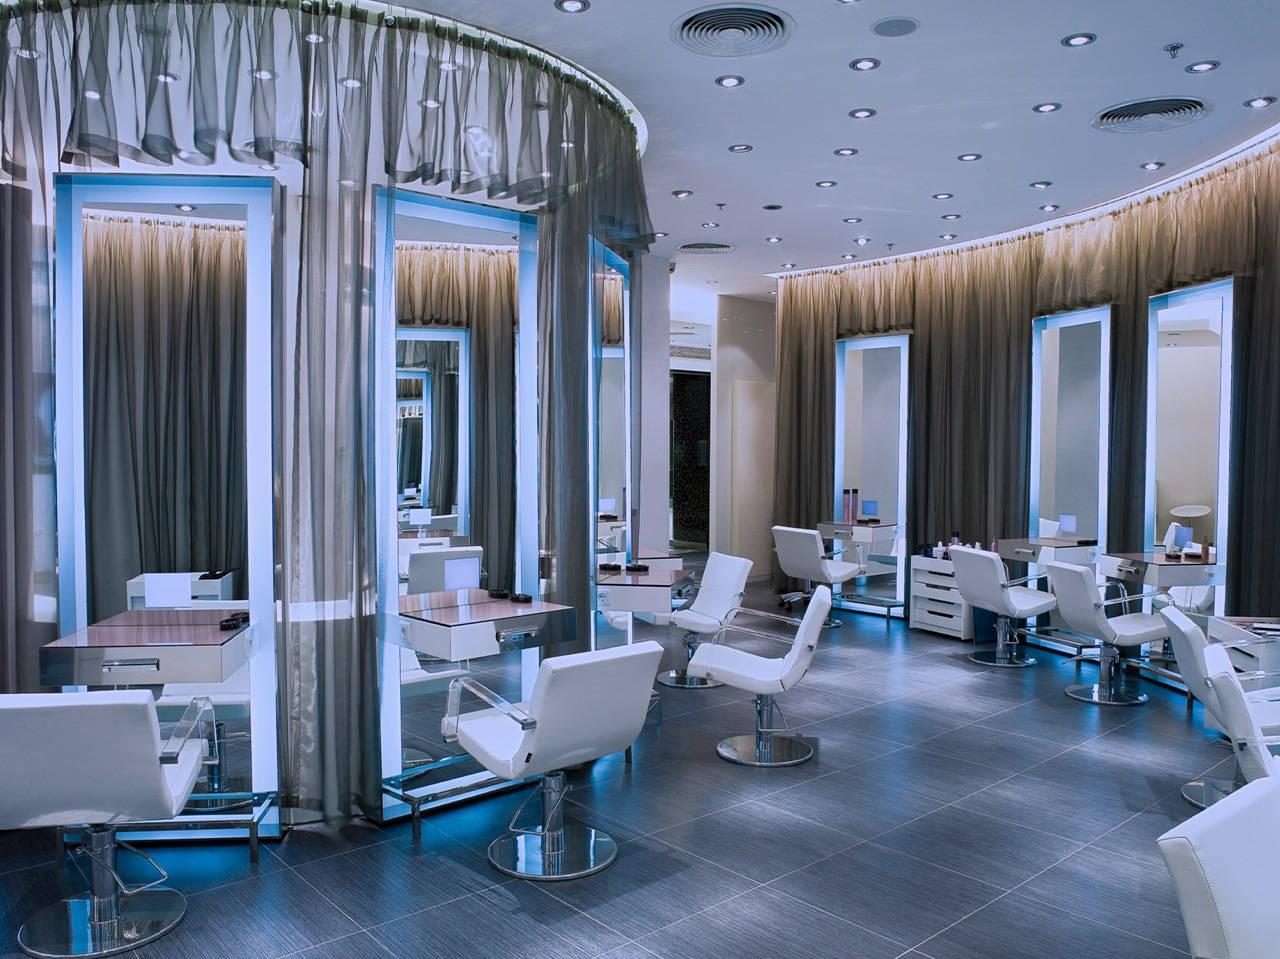 Mobilier coiffure: Optez pour des miroirs encadrés pour une atmosphère plus chaleureuse ou des miroirs nus pour un look plus élégant.